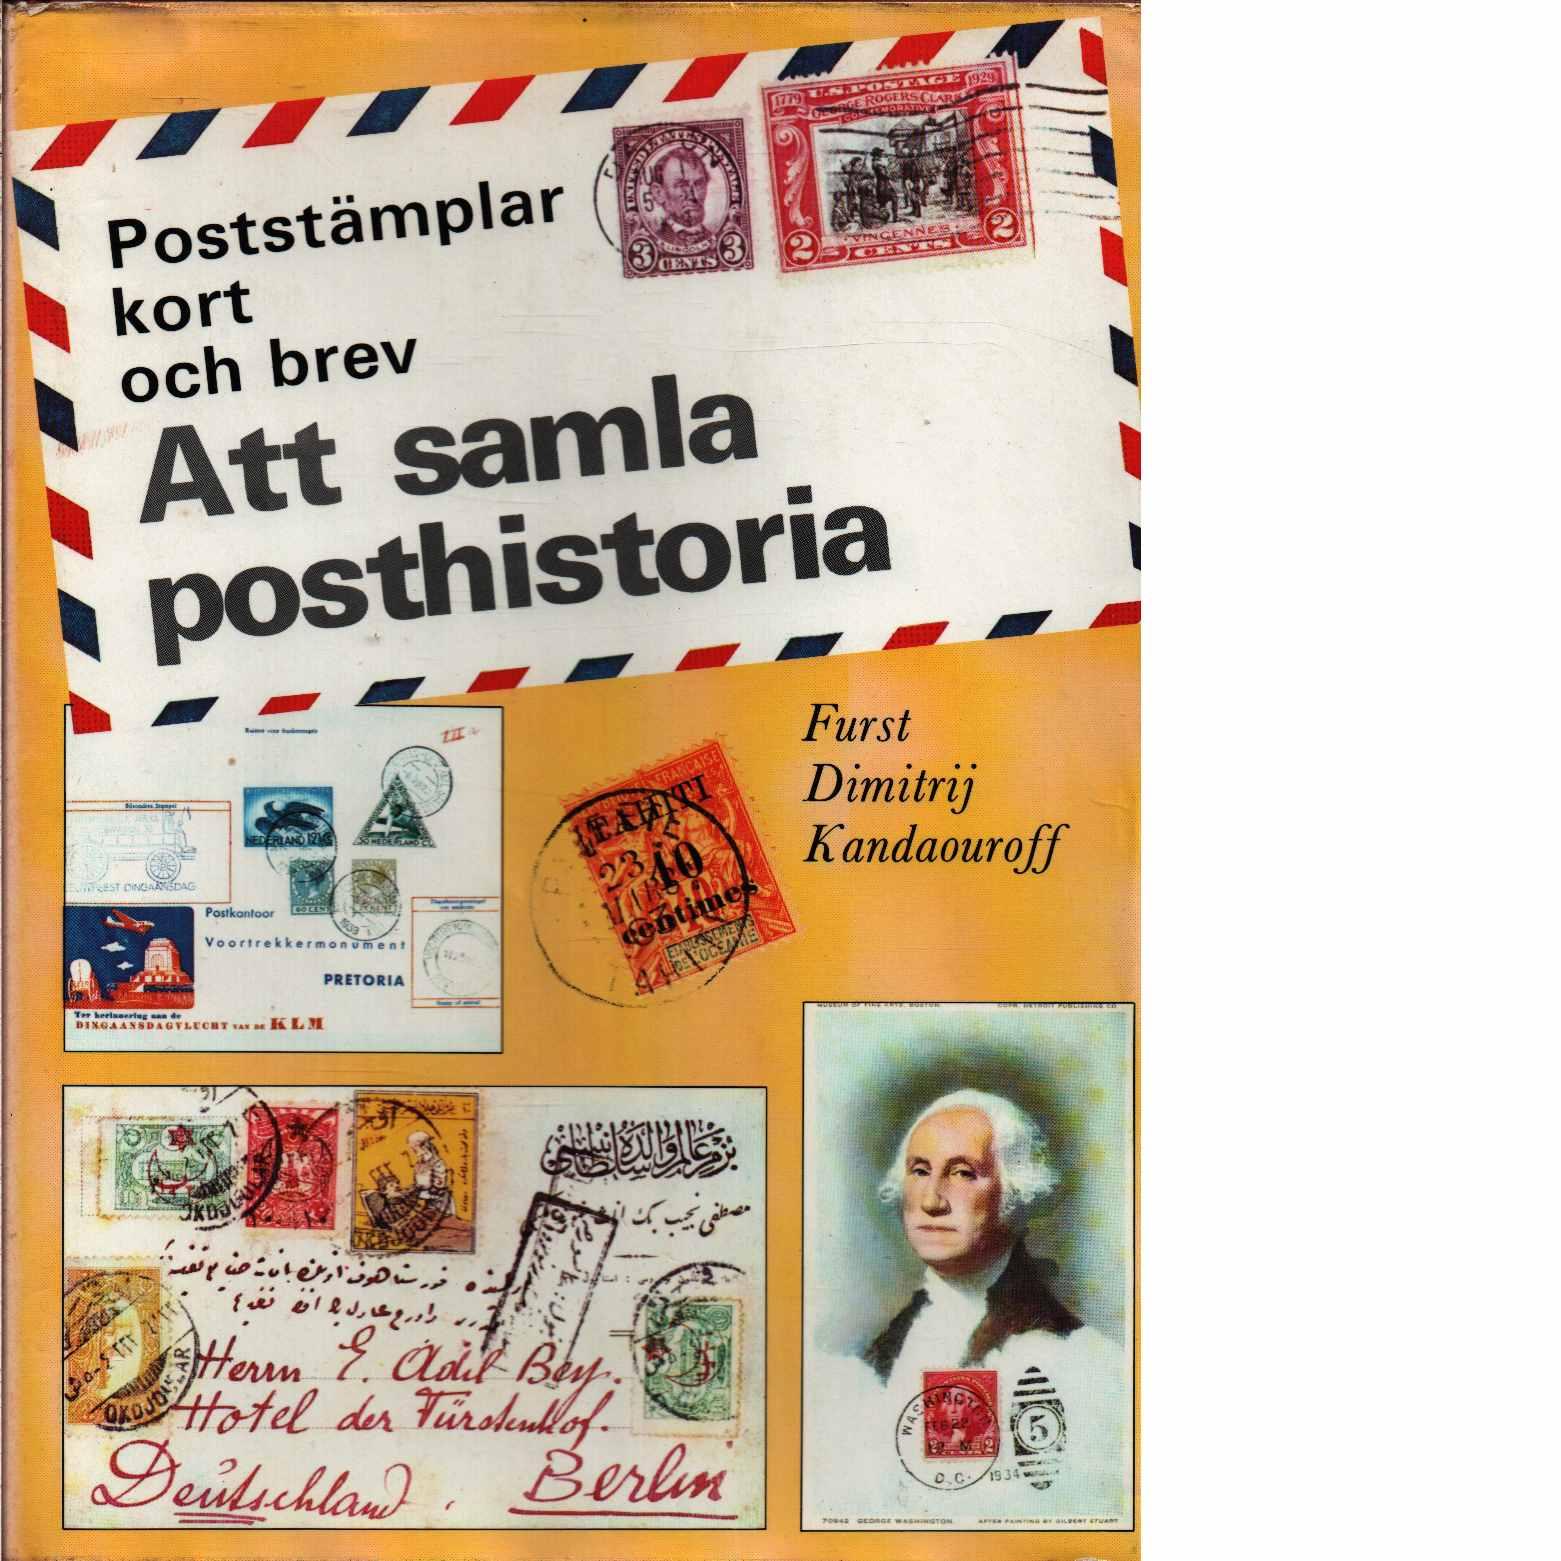 Att samla posthistoria : poststämplar, kort och brev - Kandaouroff, Dimitrij